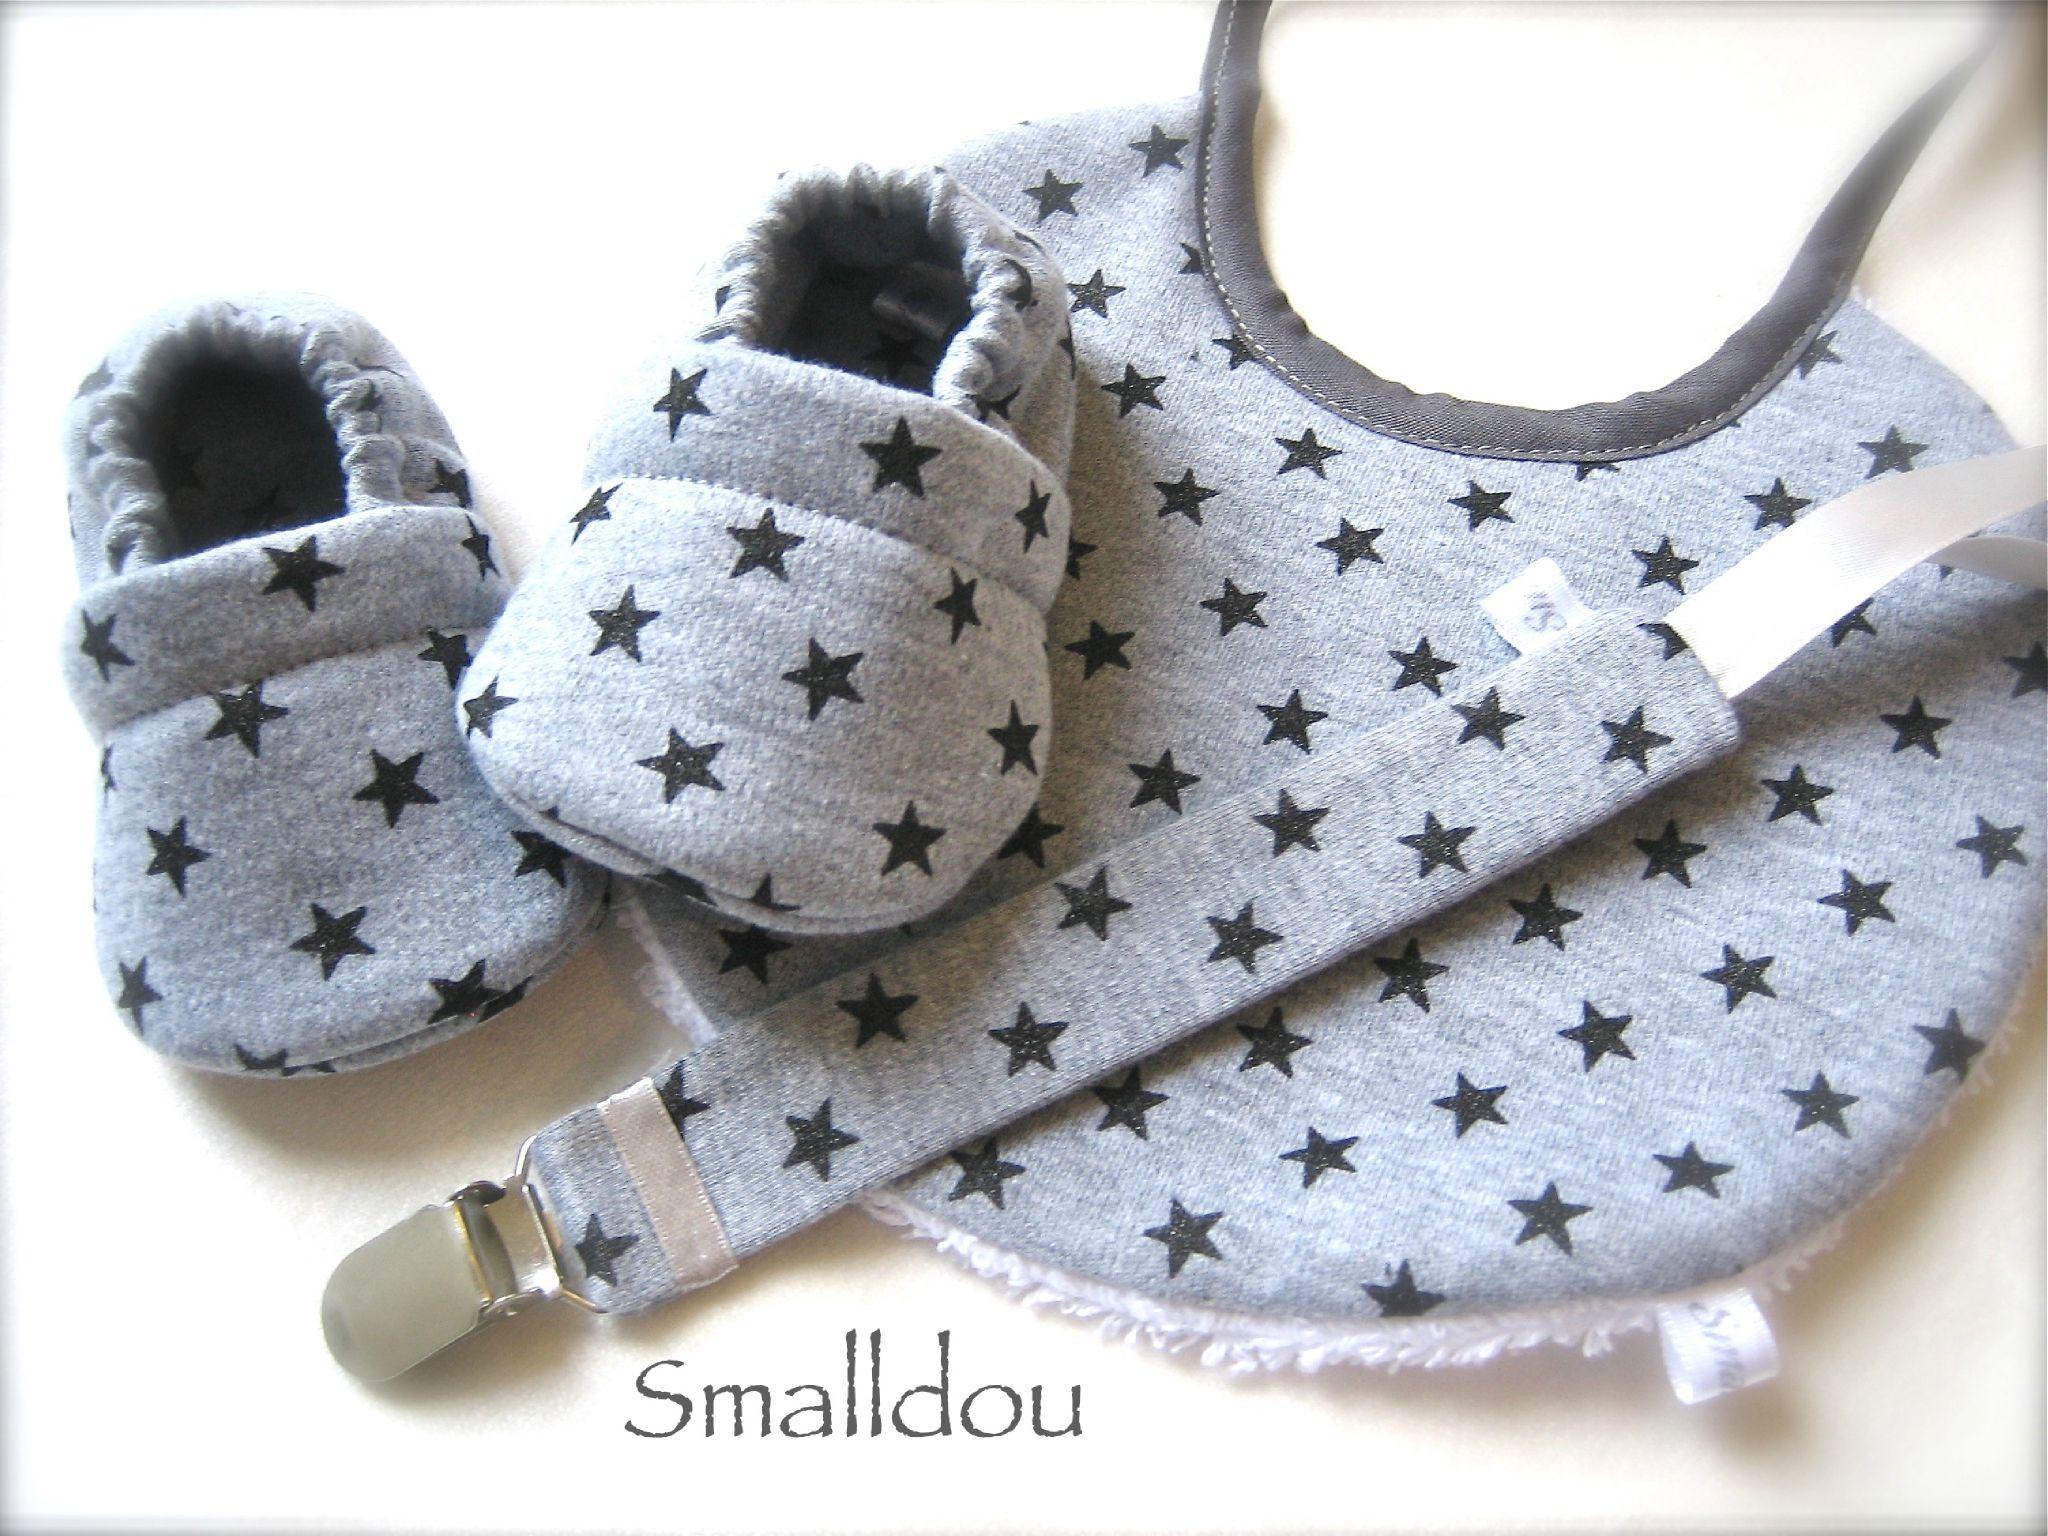 Coffret cadeau smalldou chaussons bébé, attache tétine, bavoir jersey gris  étoiles noires